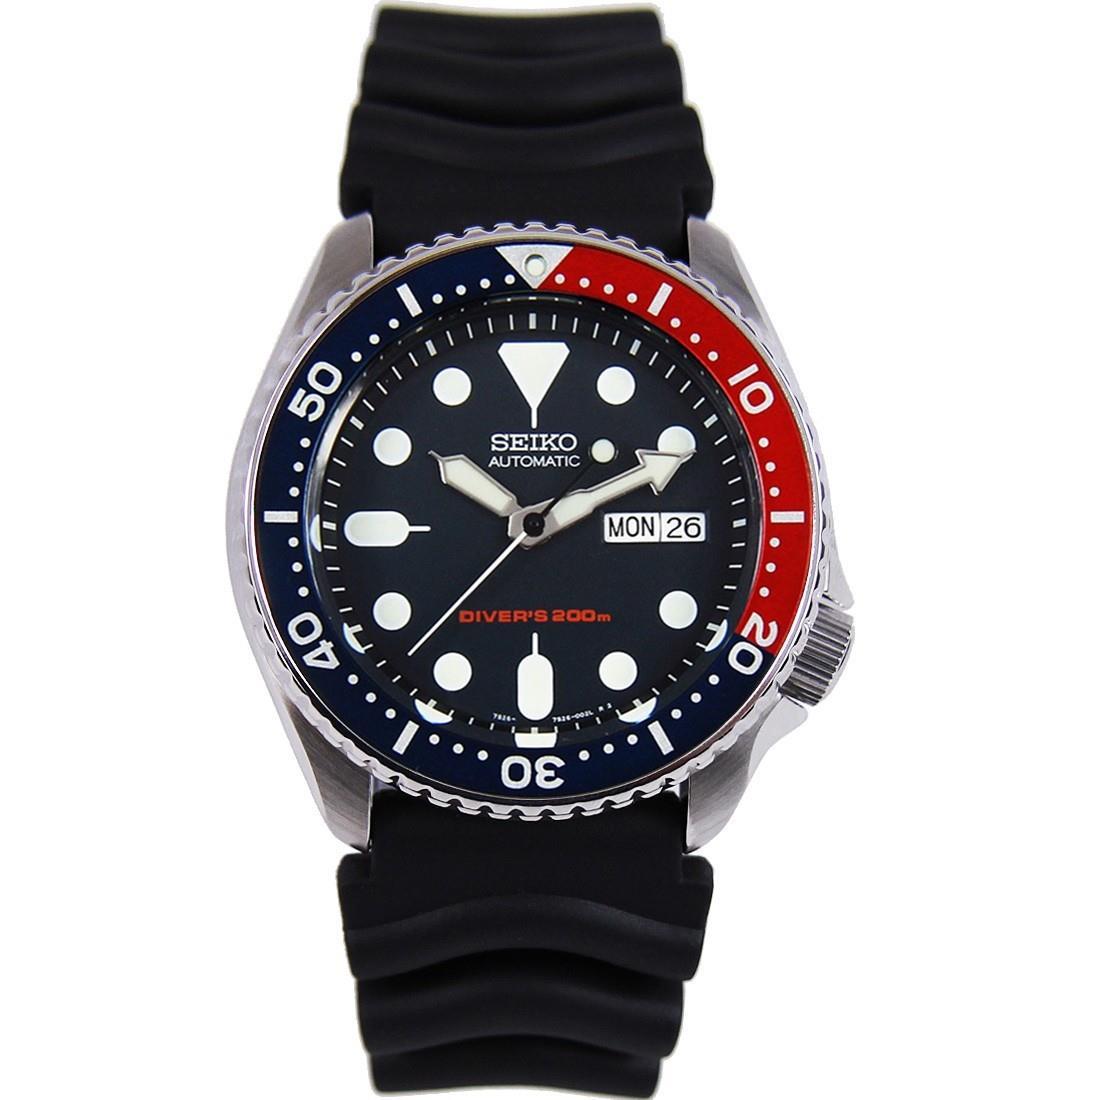 TOP-SELLING-Seiko-SKX009-SKX009J1-SKX009J2-SKX009K1-SKX009K2-Pepsi-Dive-Watch thumbnail 24